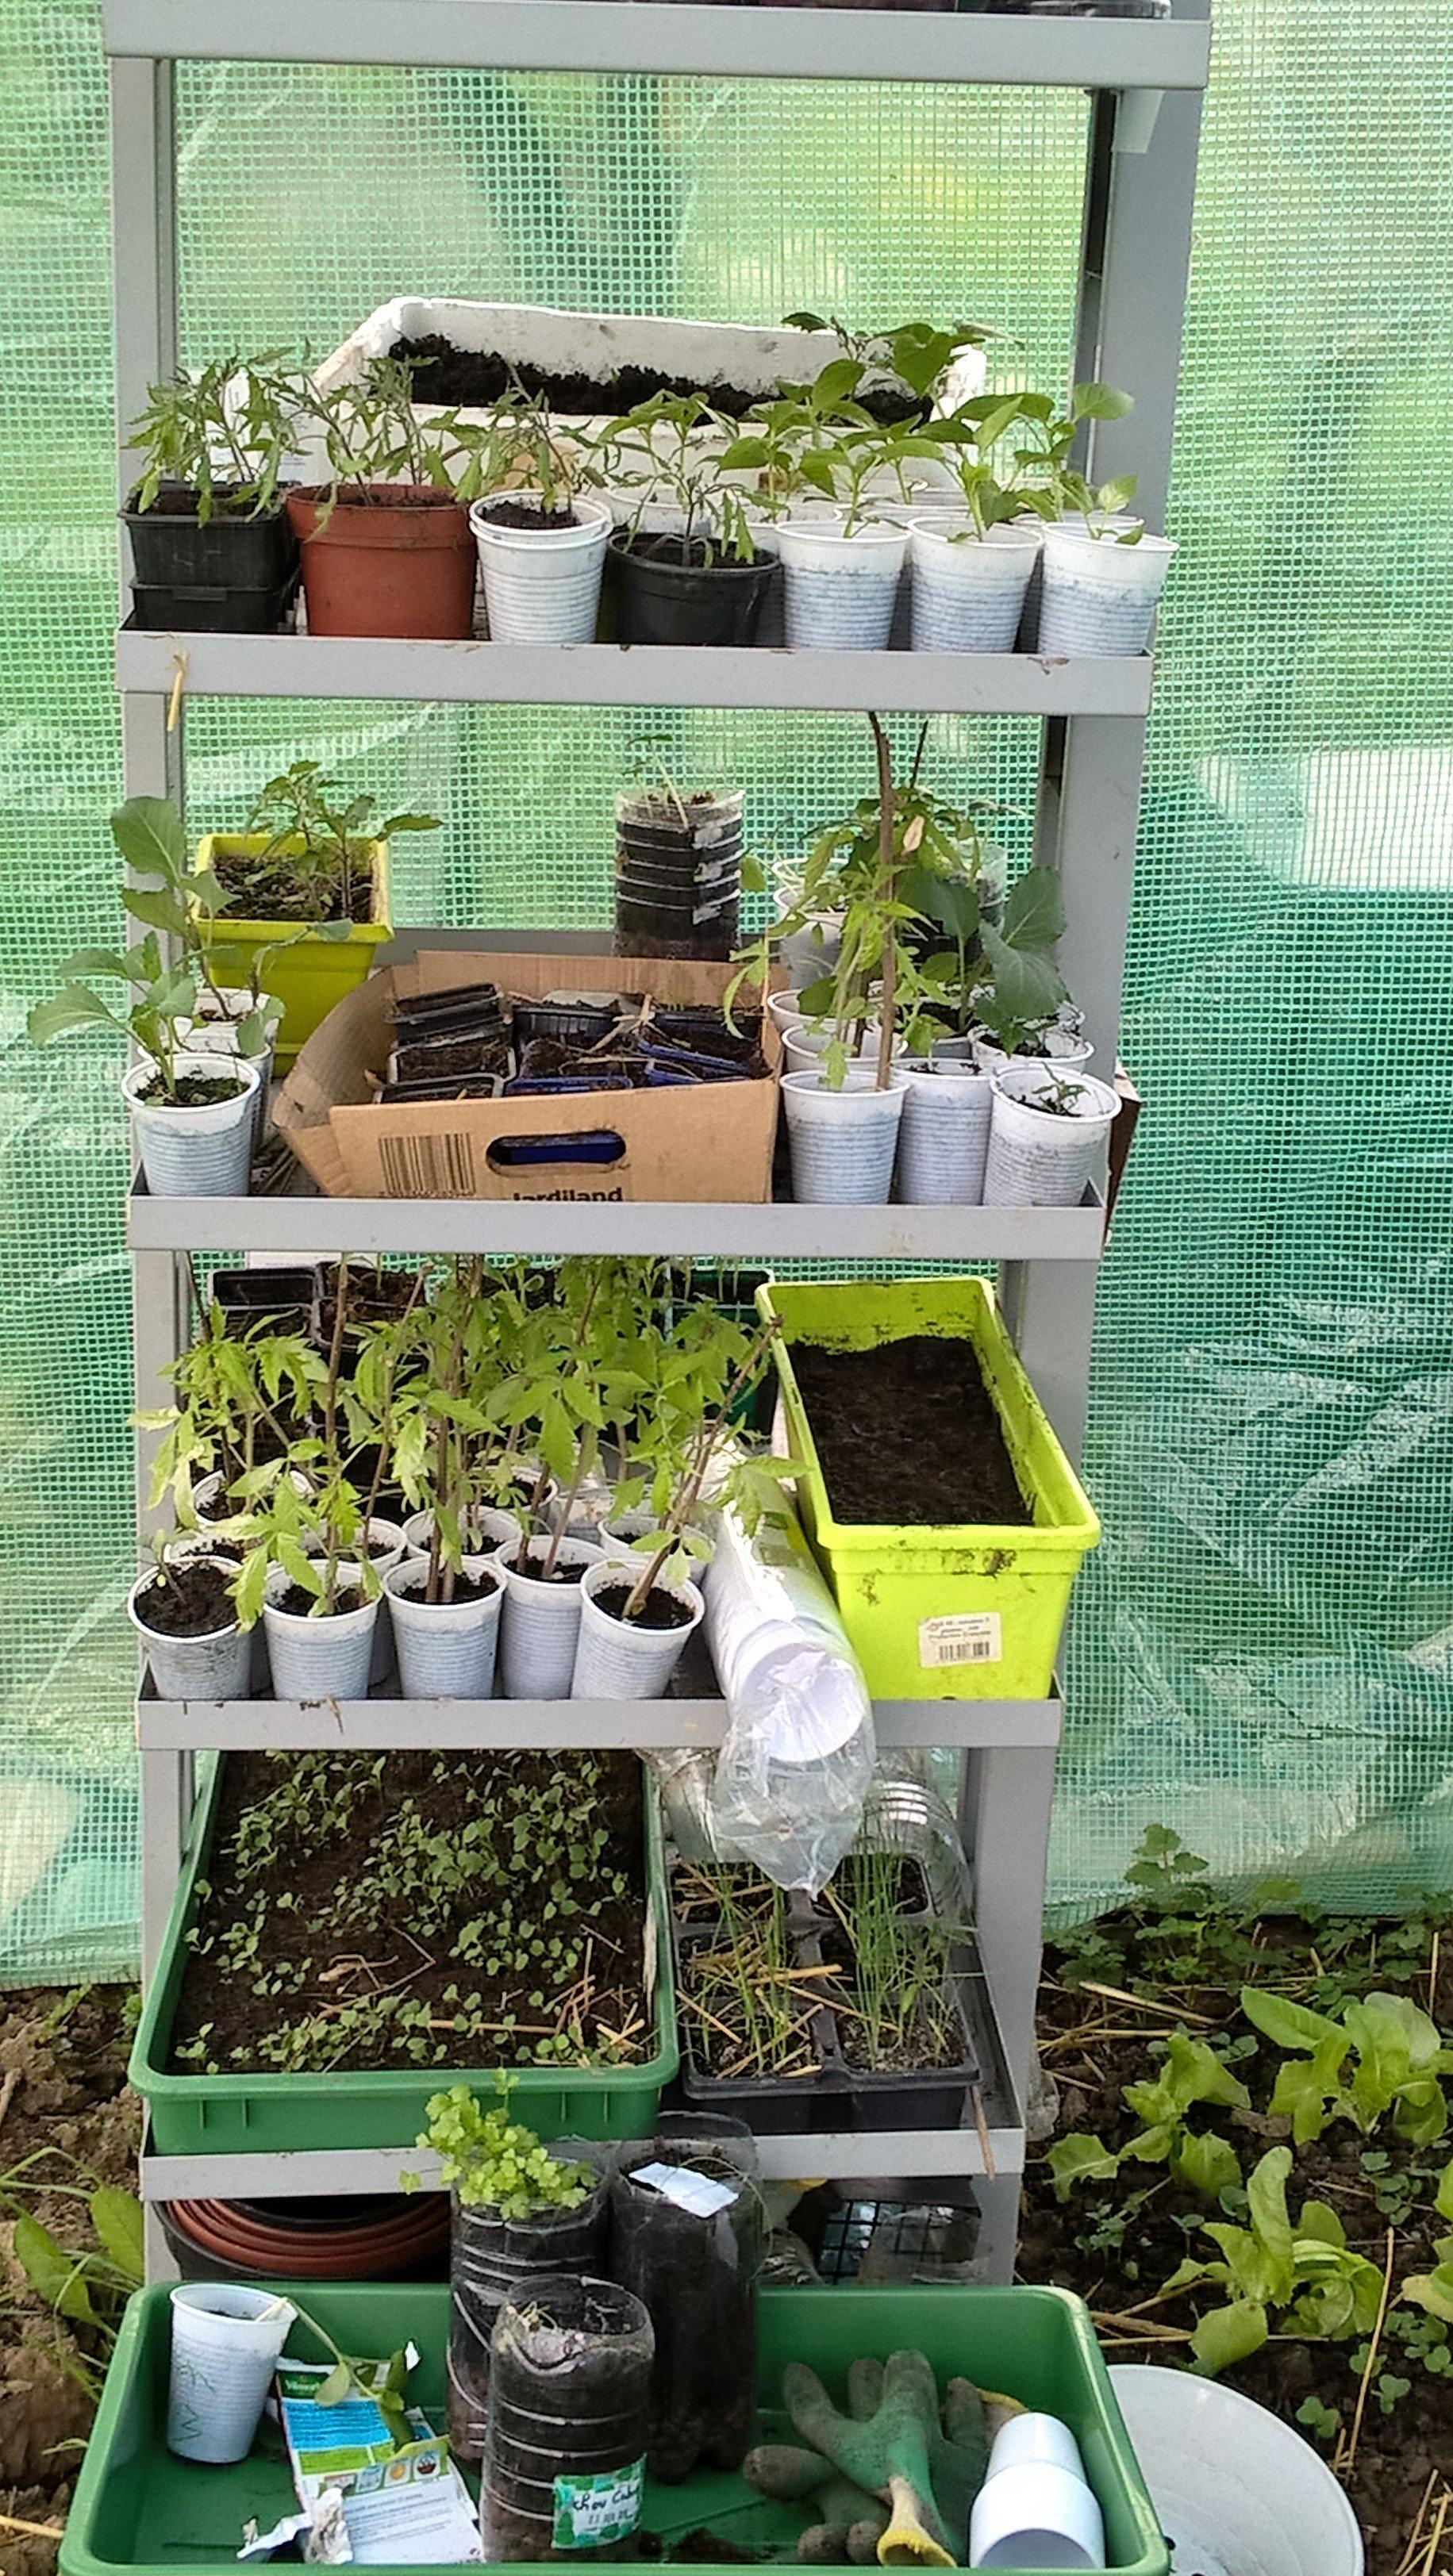 Des nouvelles du jardin en avril gogwen72 le jardinier for Pro du jardin